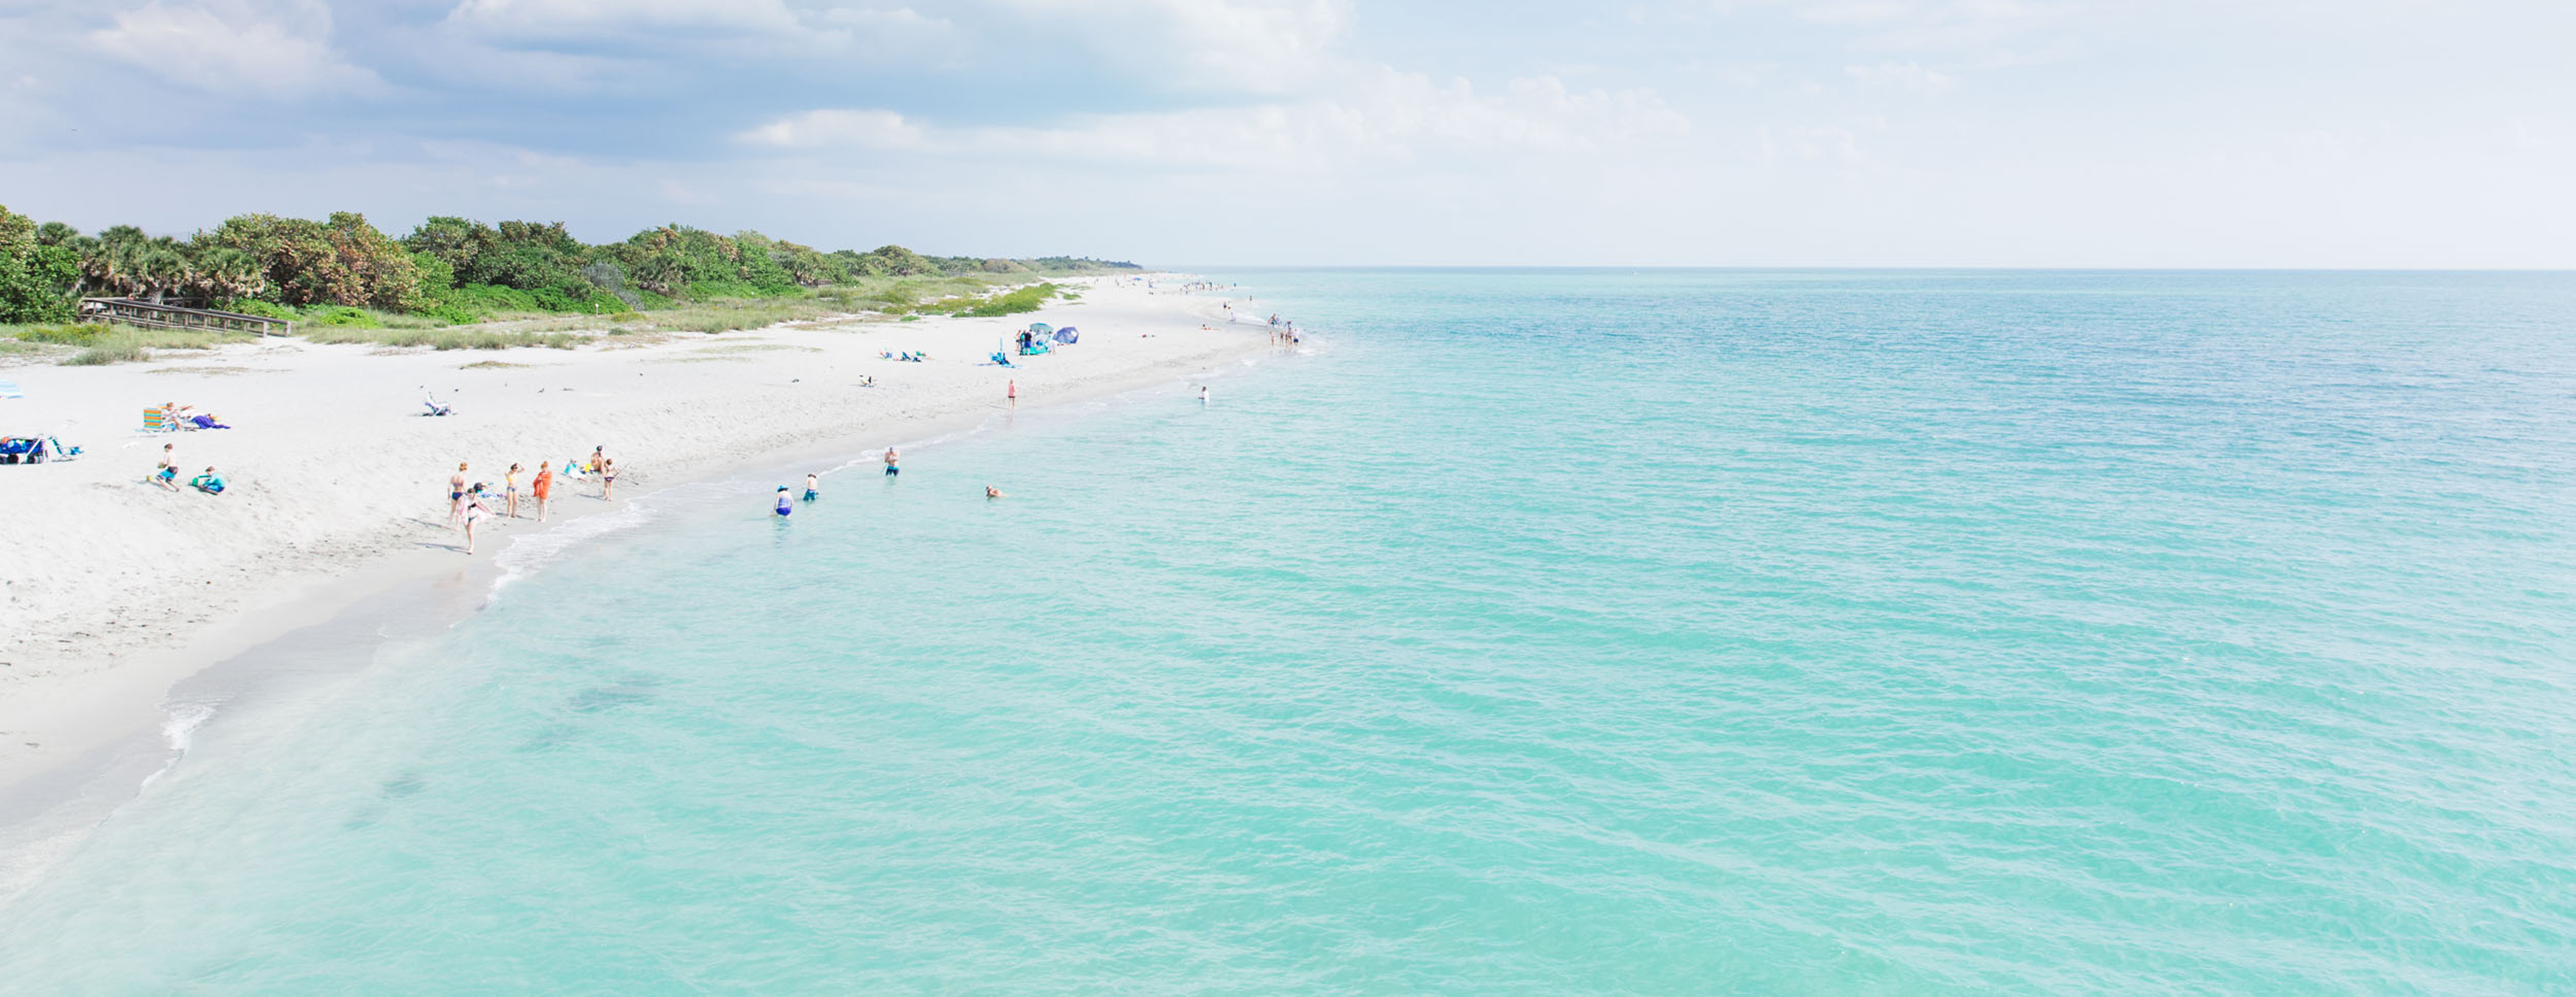 Beautiful Venice Beach - Venice Florida